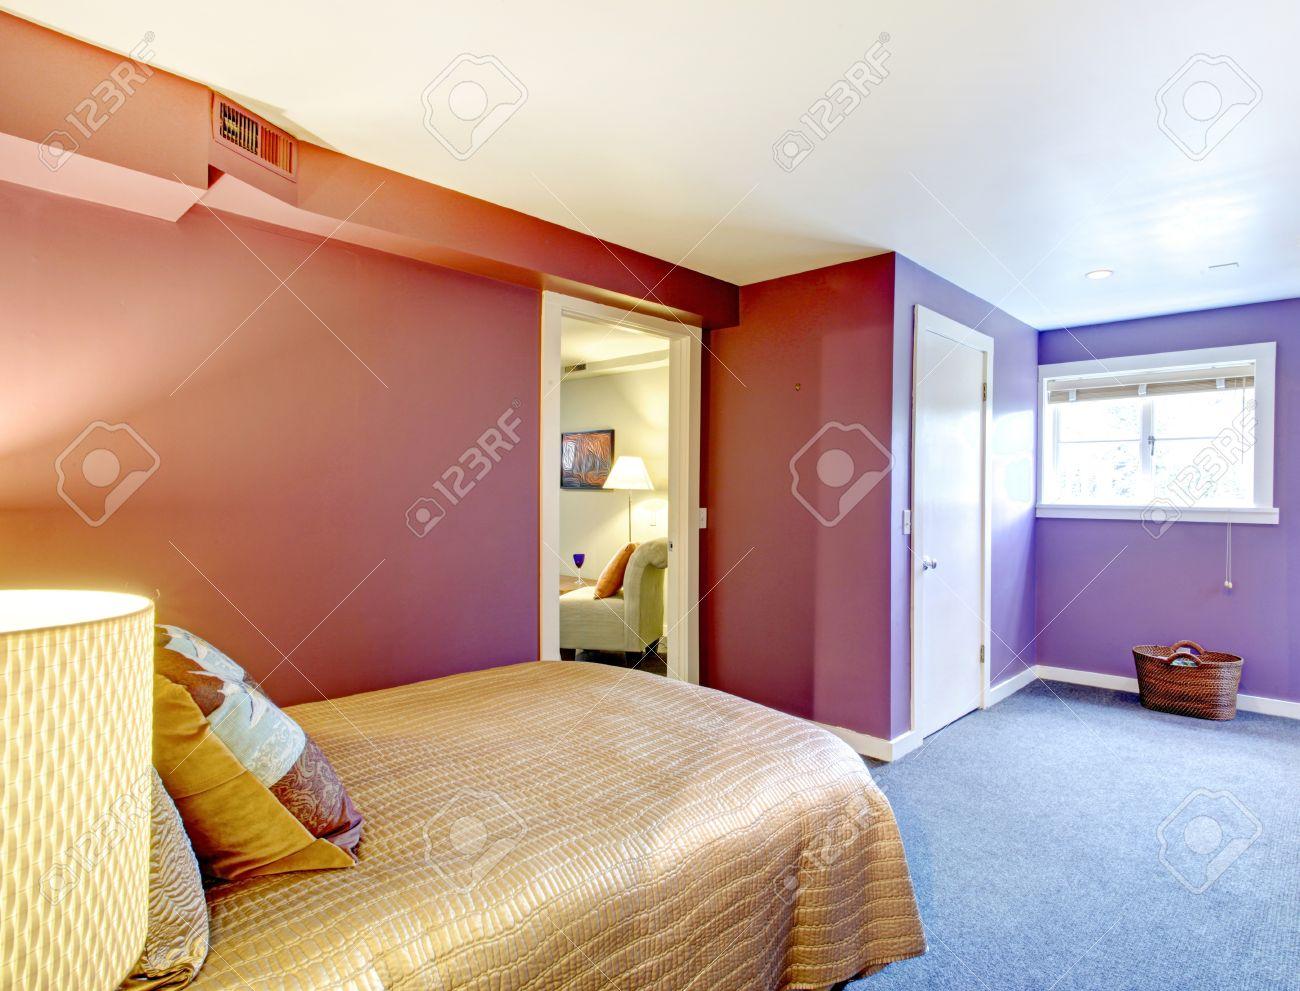 Schlafzimmer Mit Lila Wänden, Weißen Decke Und Blauen Teppichboden. Mit  Blick Auf Das Beige